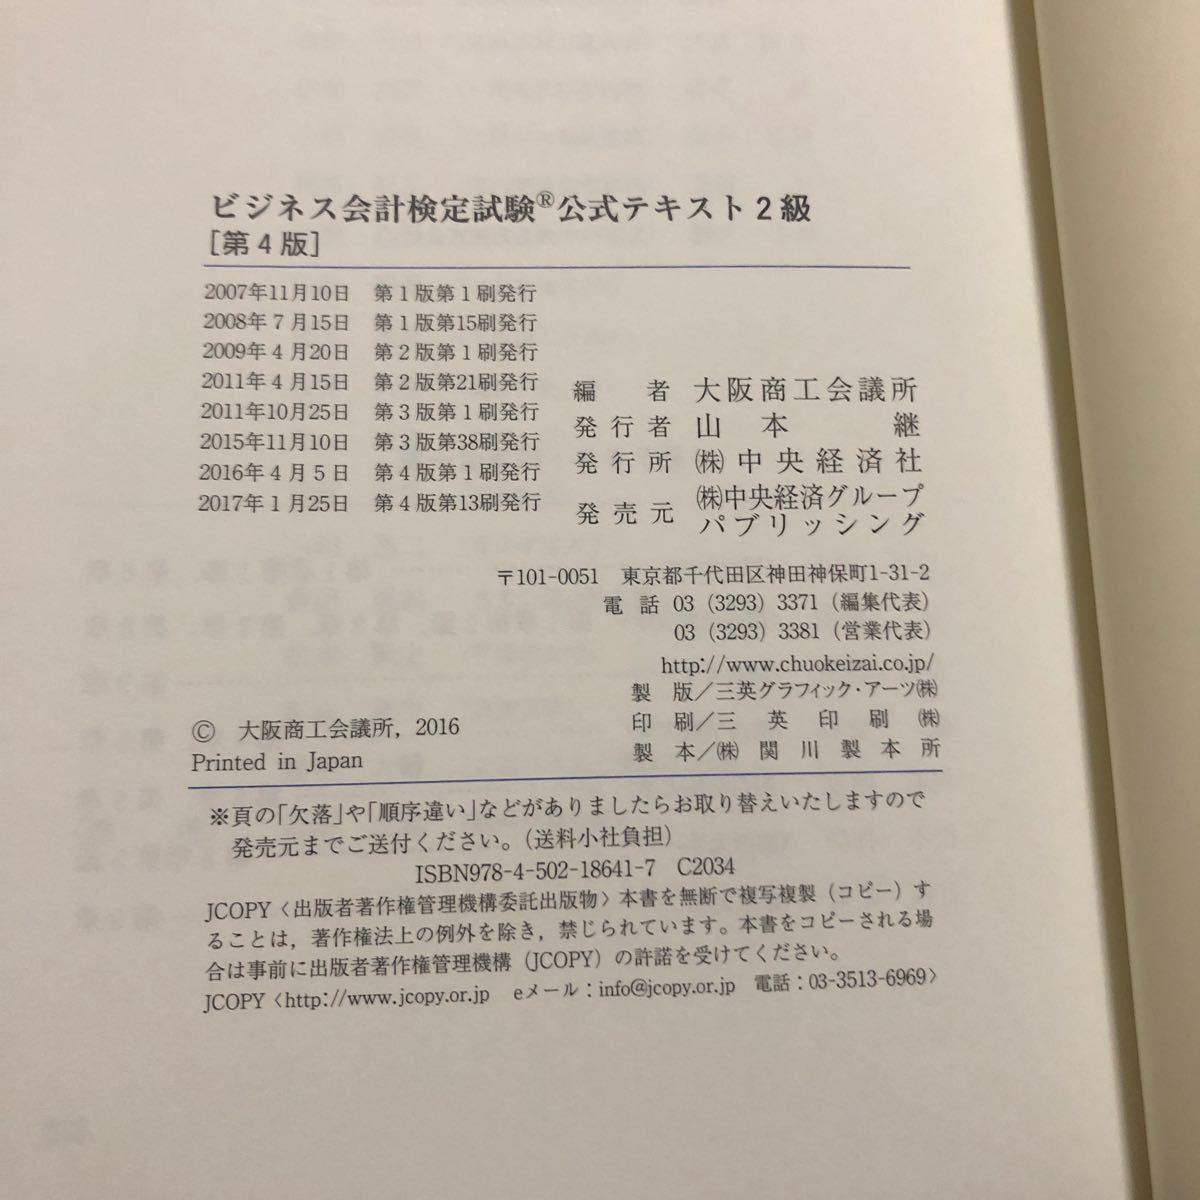 ビジネス会計検定試験公式テキスト 問題集 2級